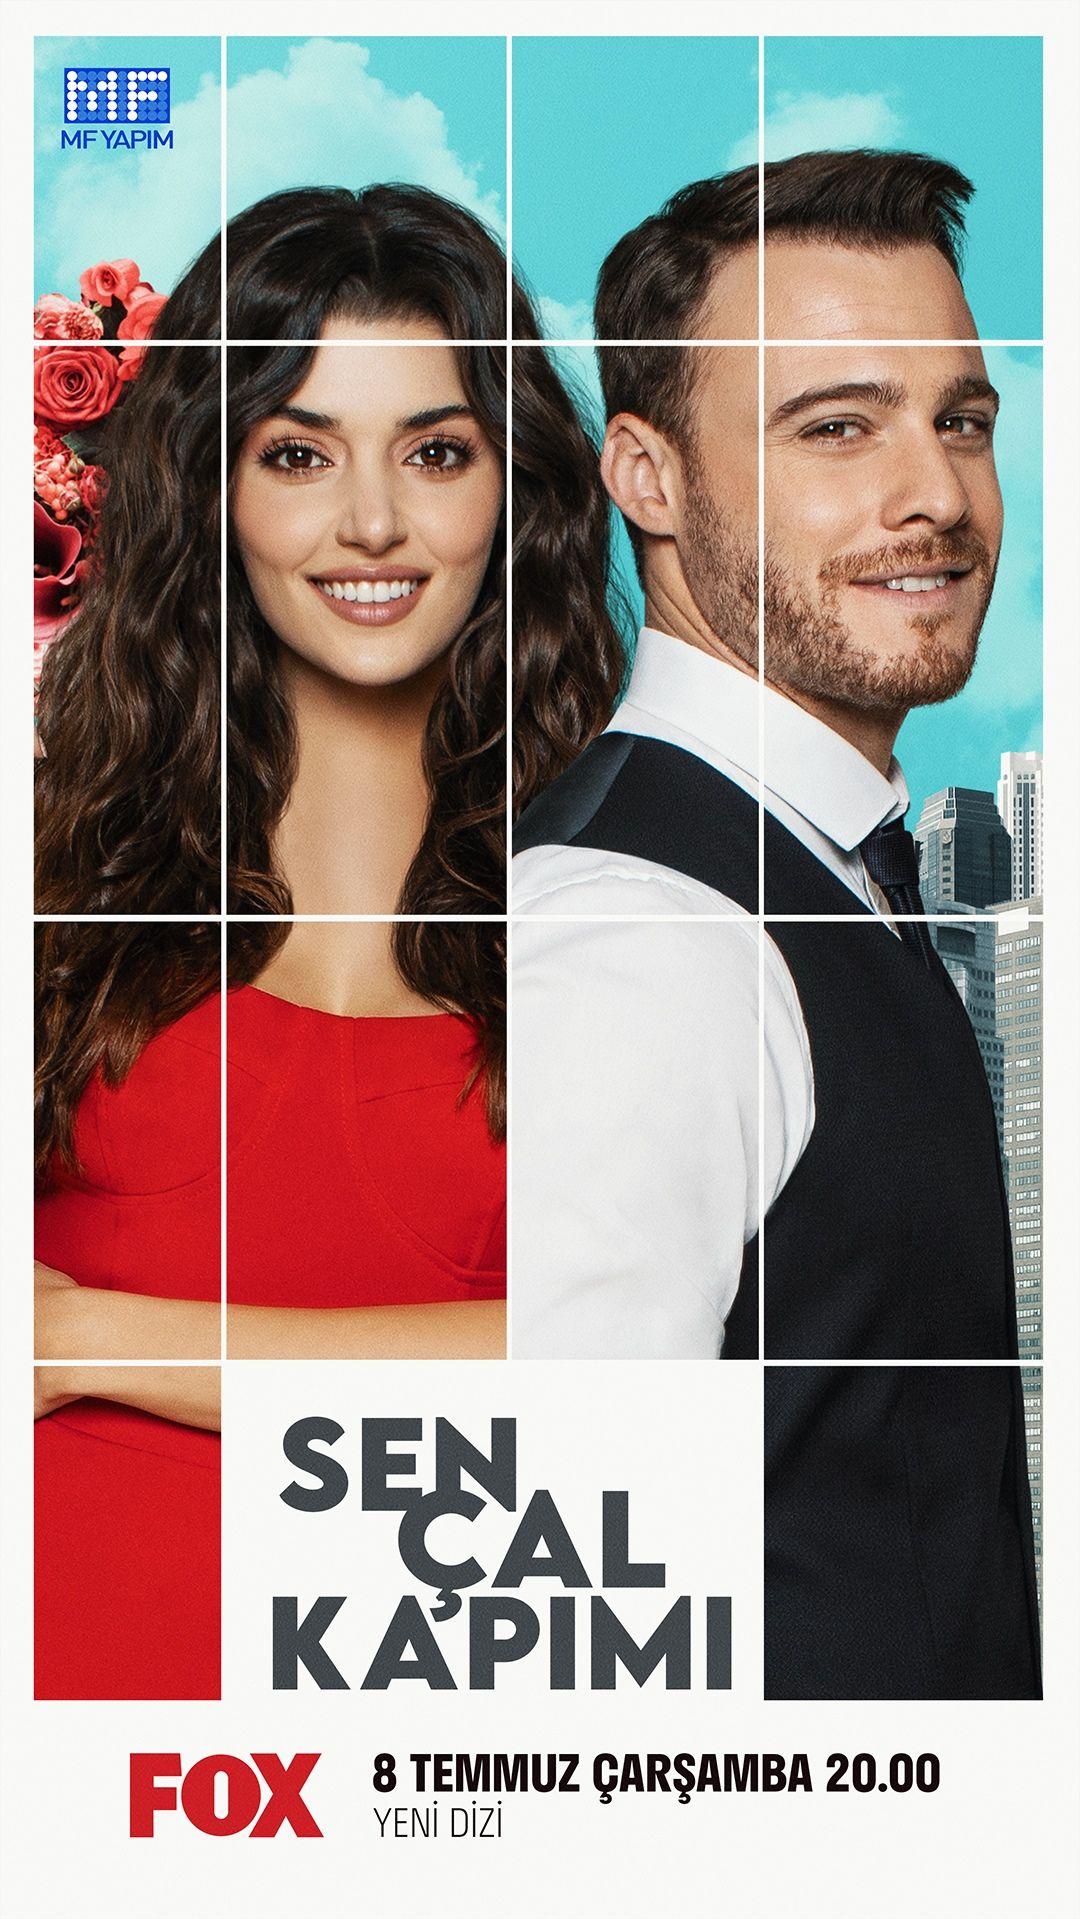 You Knock On My Door Sen Cal Kapimi Tv Series Turkish Drama In 2021 Turkish Film Drama Tv Series Actor Model